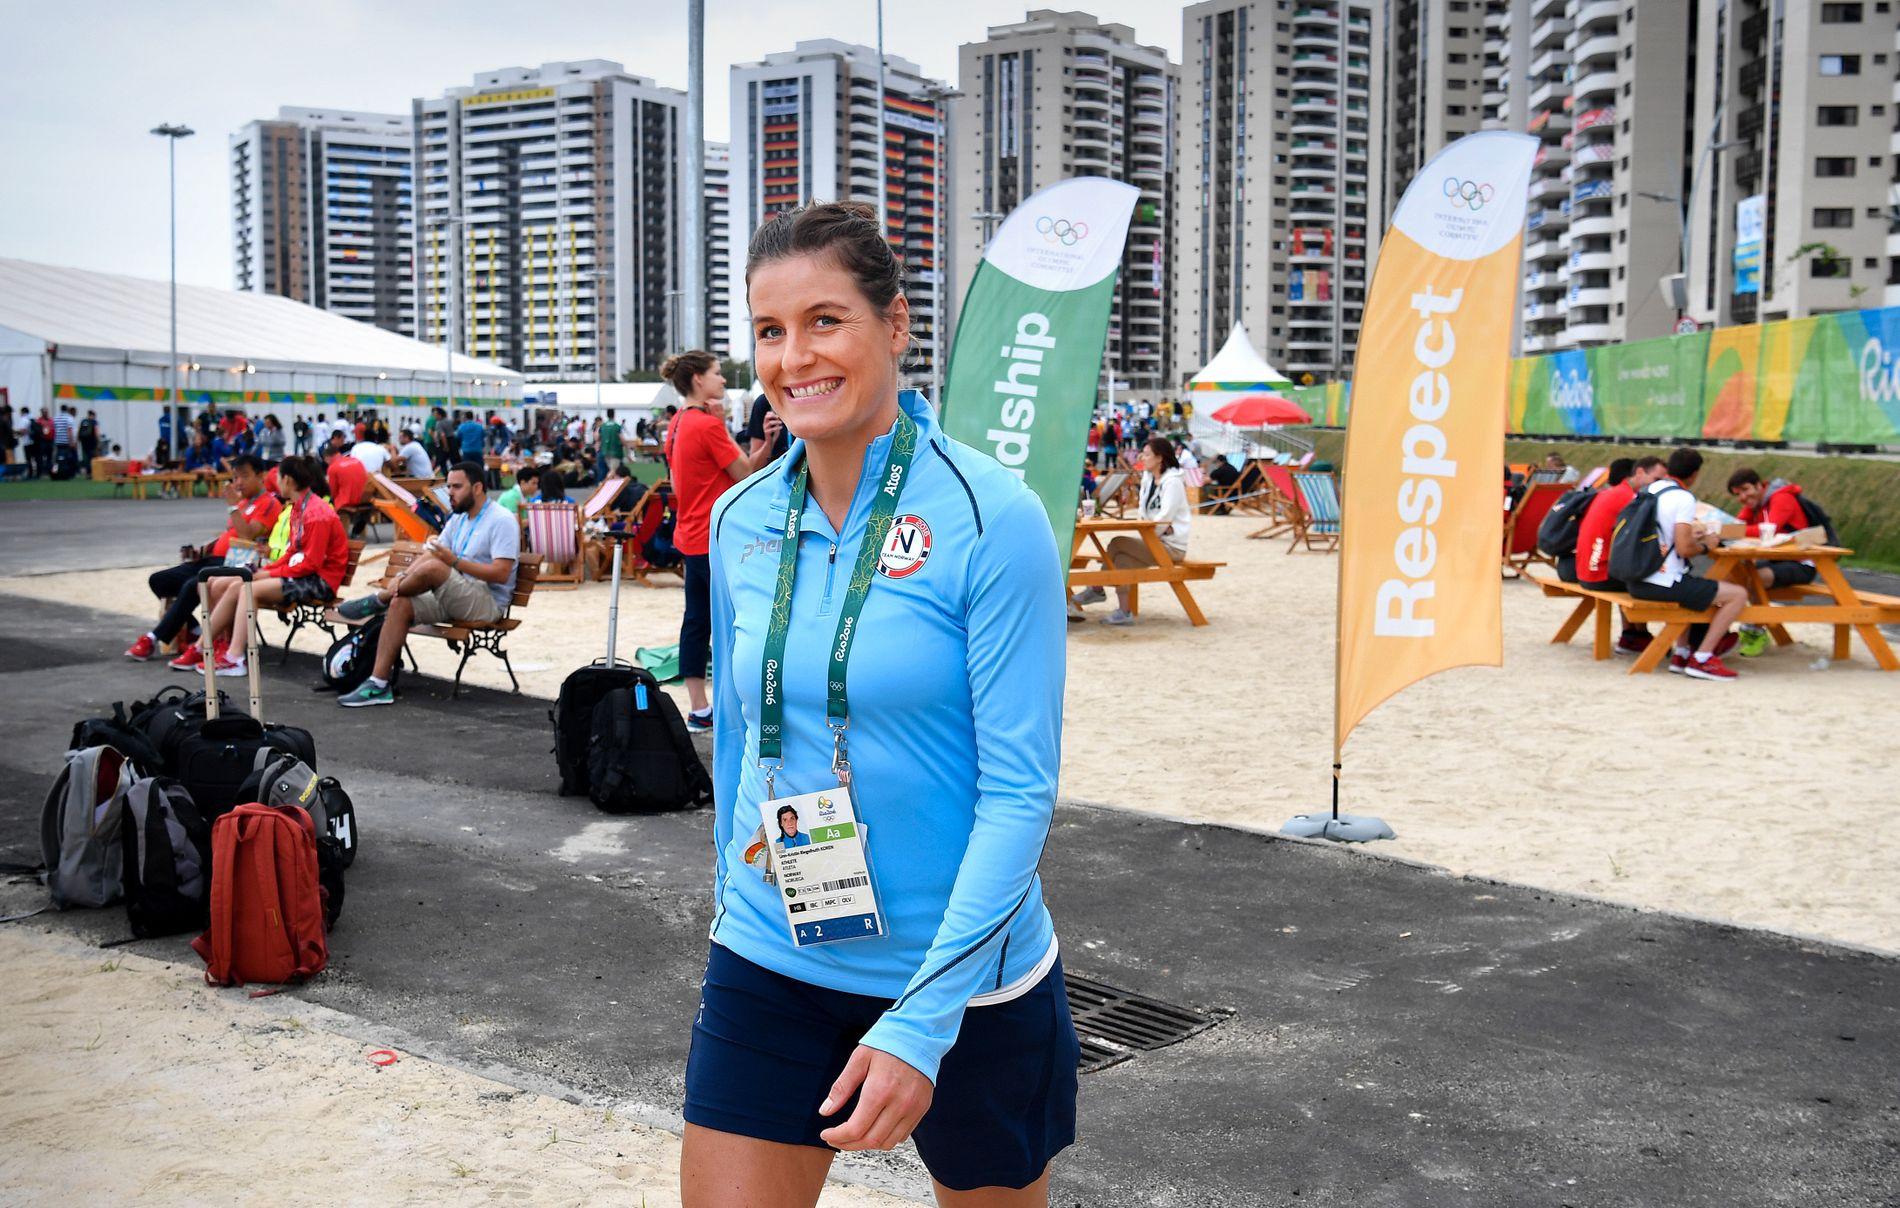 MISLYKTES: Linn-Kristin Riegelhuth Koren har åtte mesterskapsgull med Norge, men mislyktes under OL i august. Nå øser hun igjen inn mål for Larvik, men er vraket fra EM i desember.